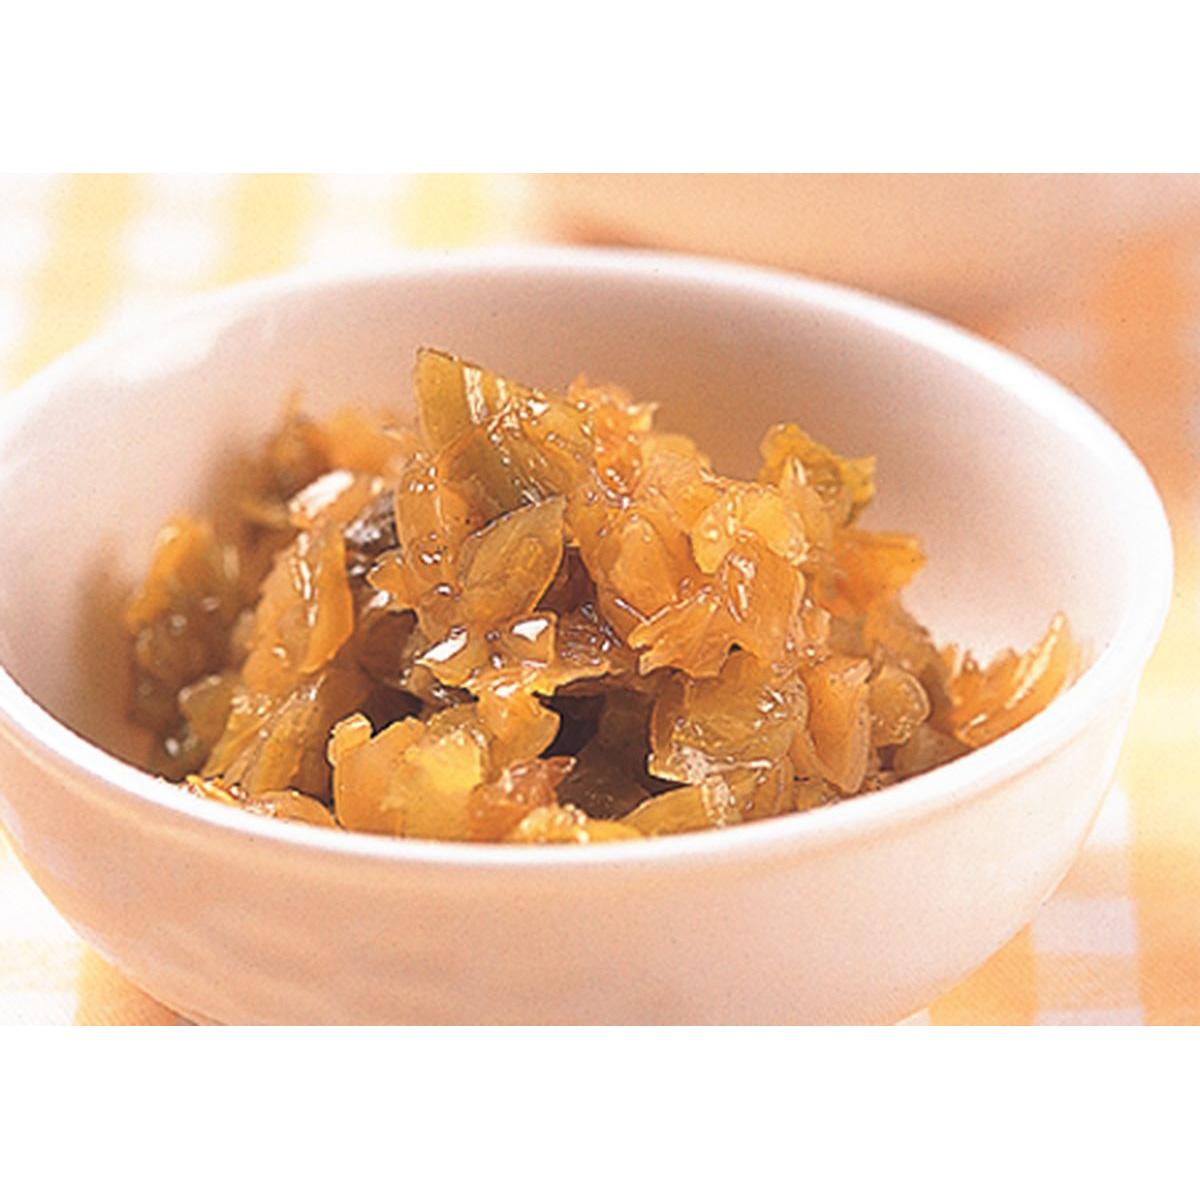 食譜:炒酸菜